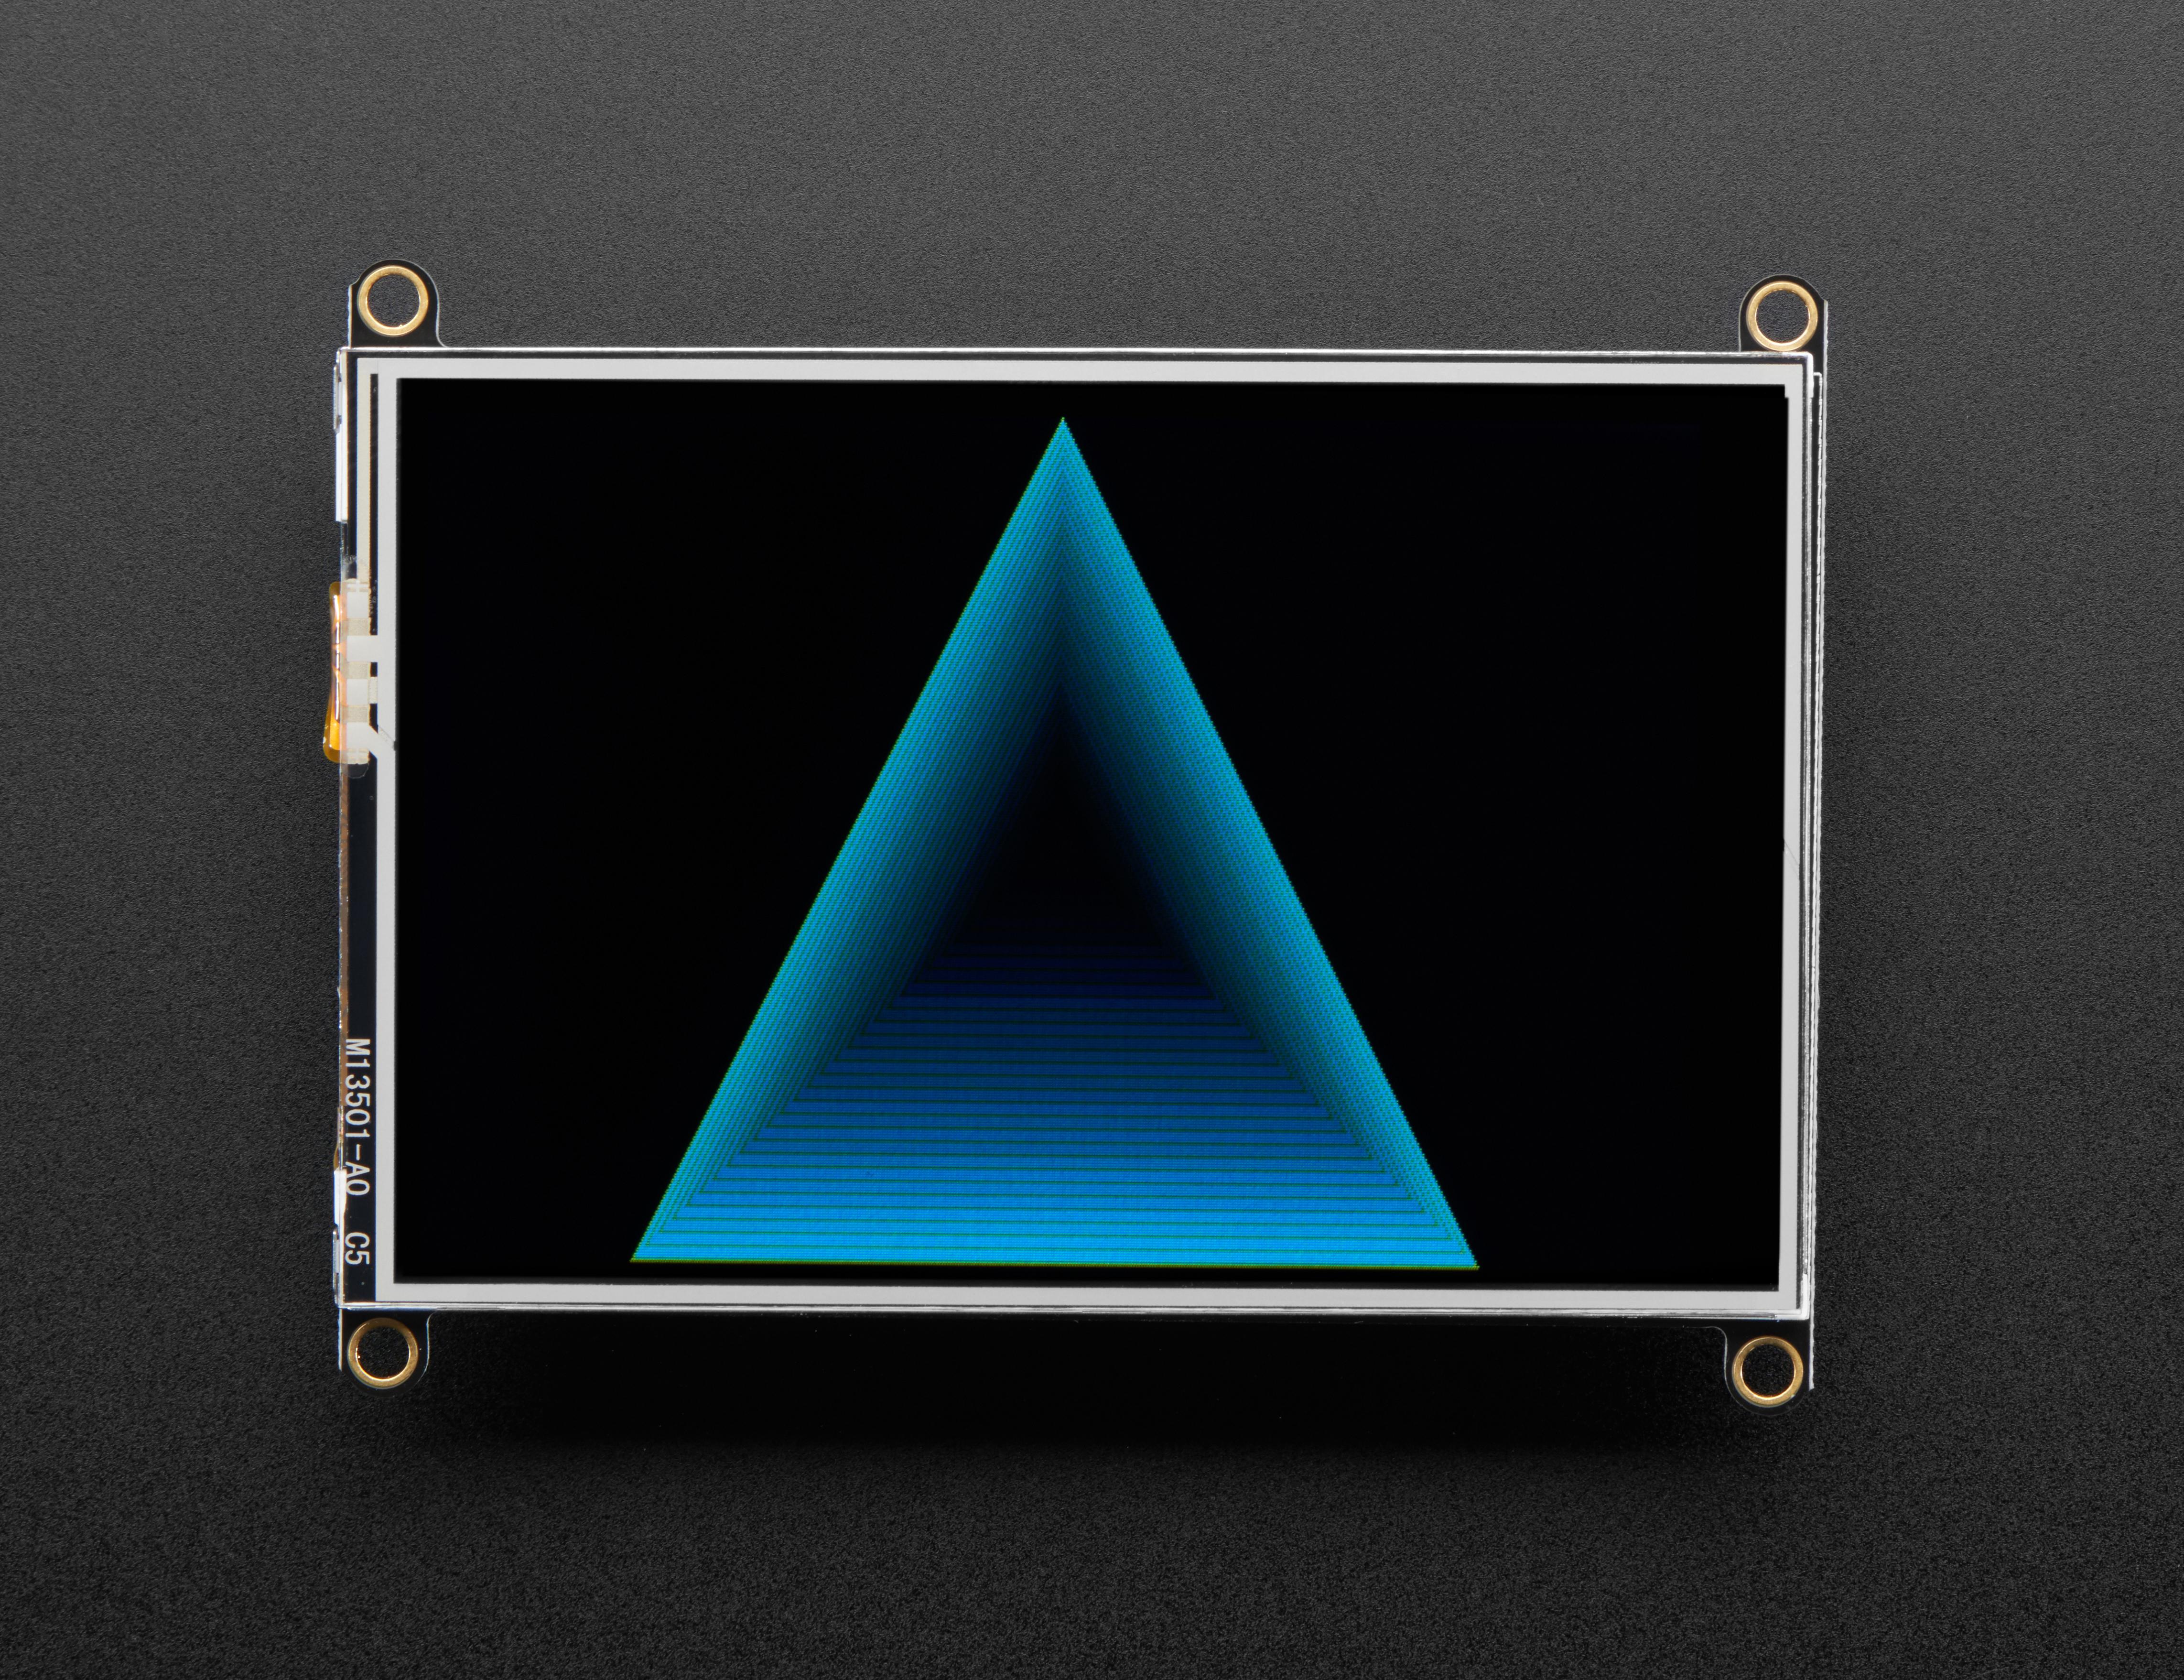 adafruit_products_3651_screen_demo_04_ORIG.jpg